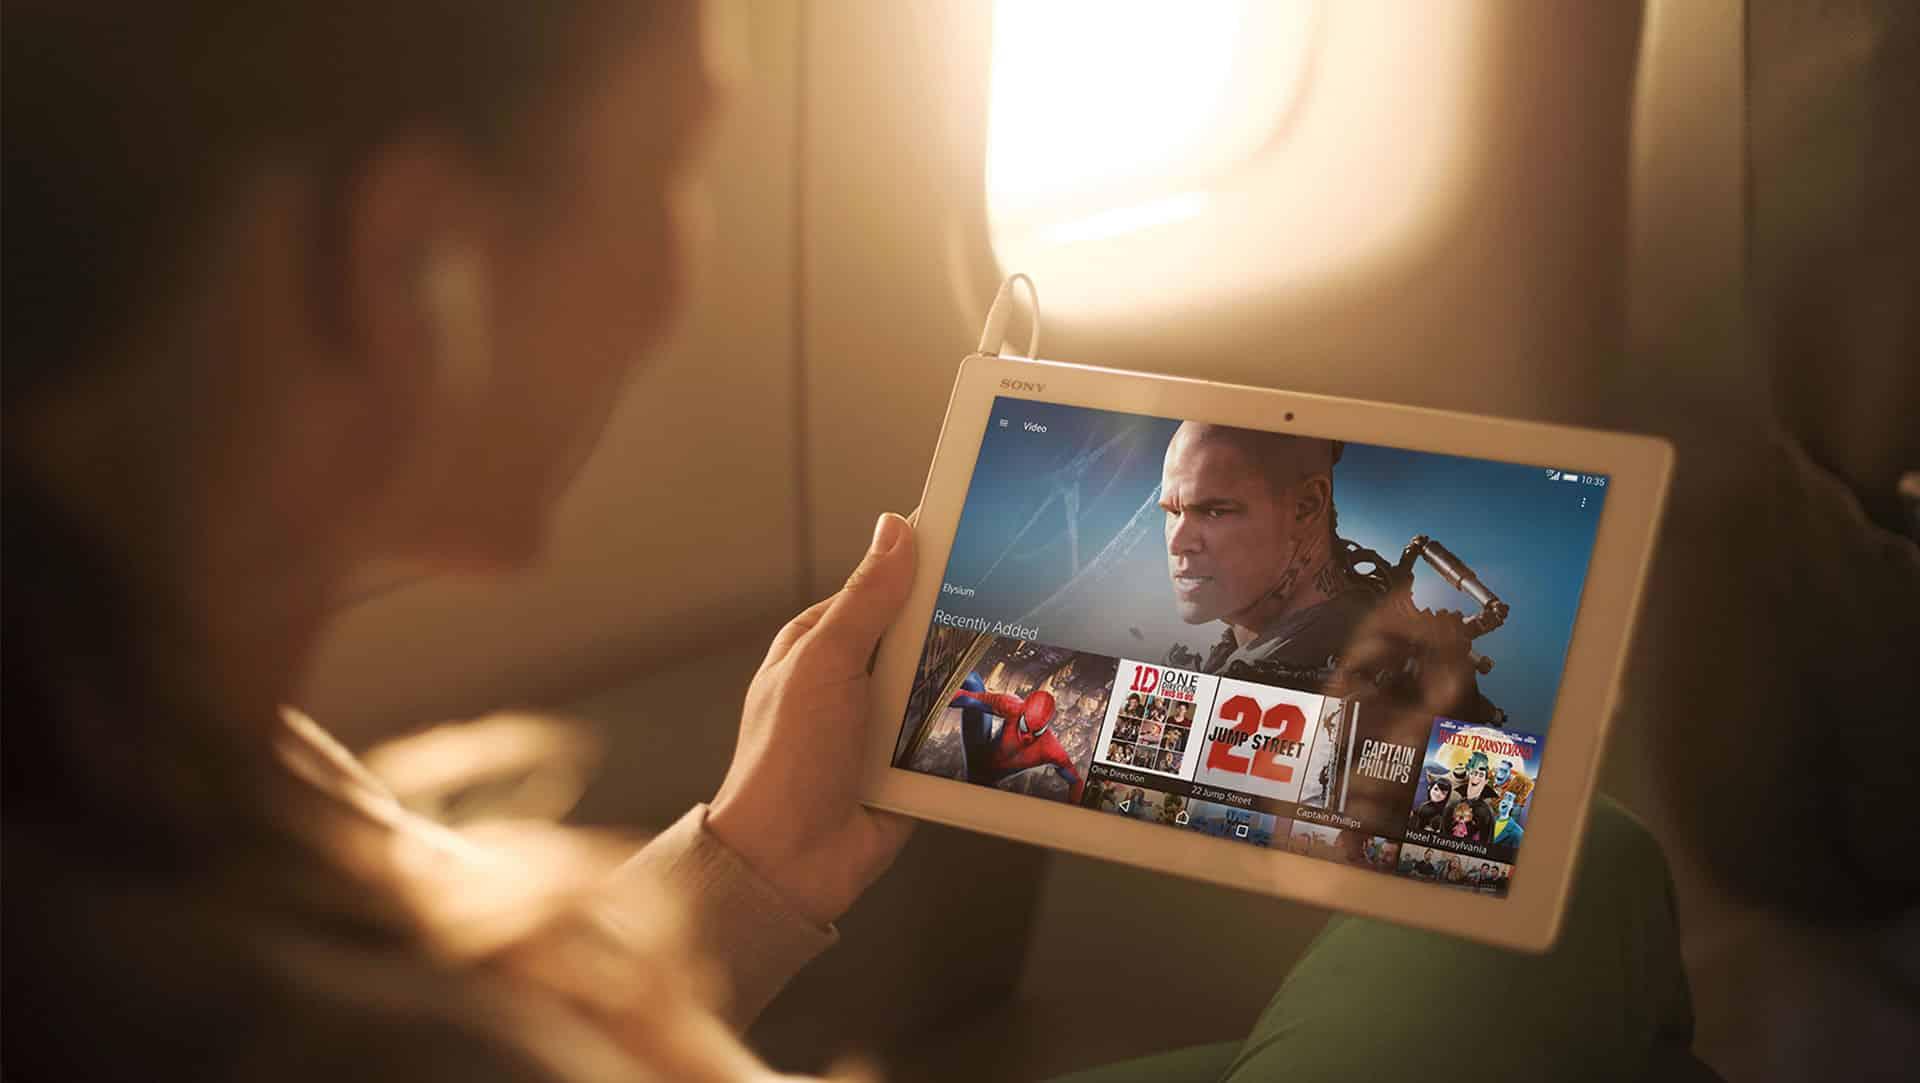 El consumo de video online en móviles aumenta sin frenar.